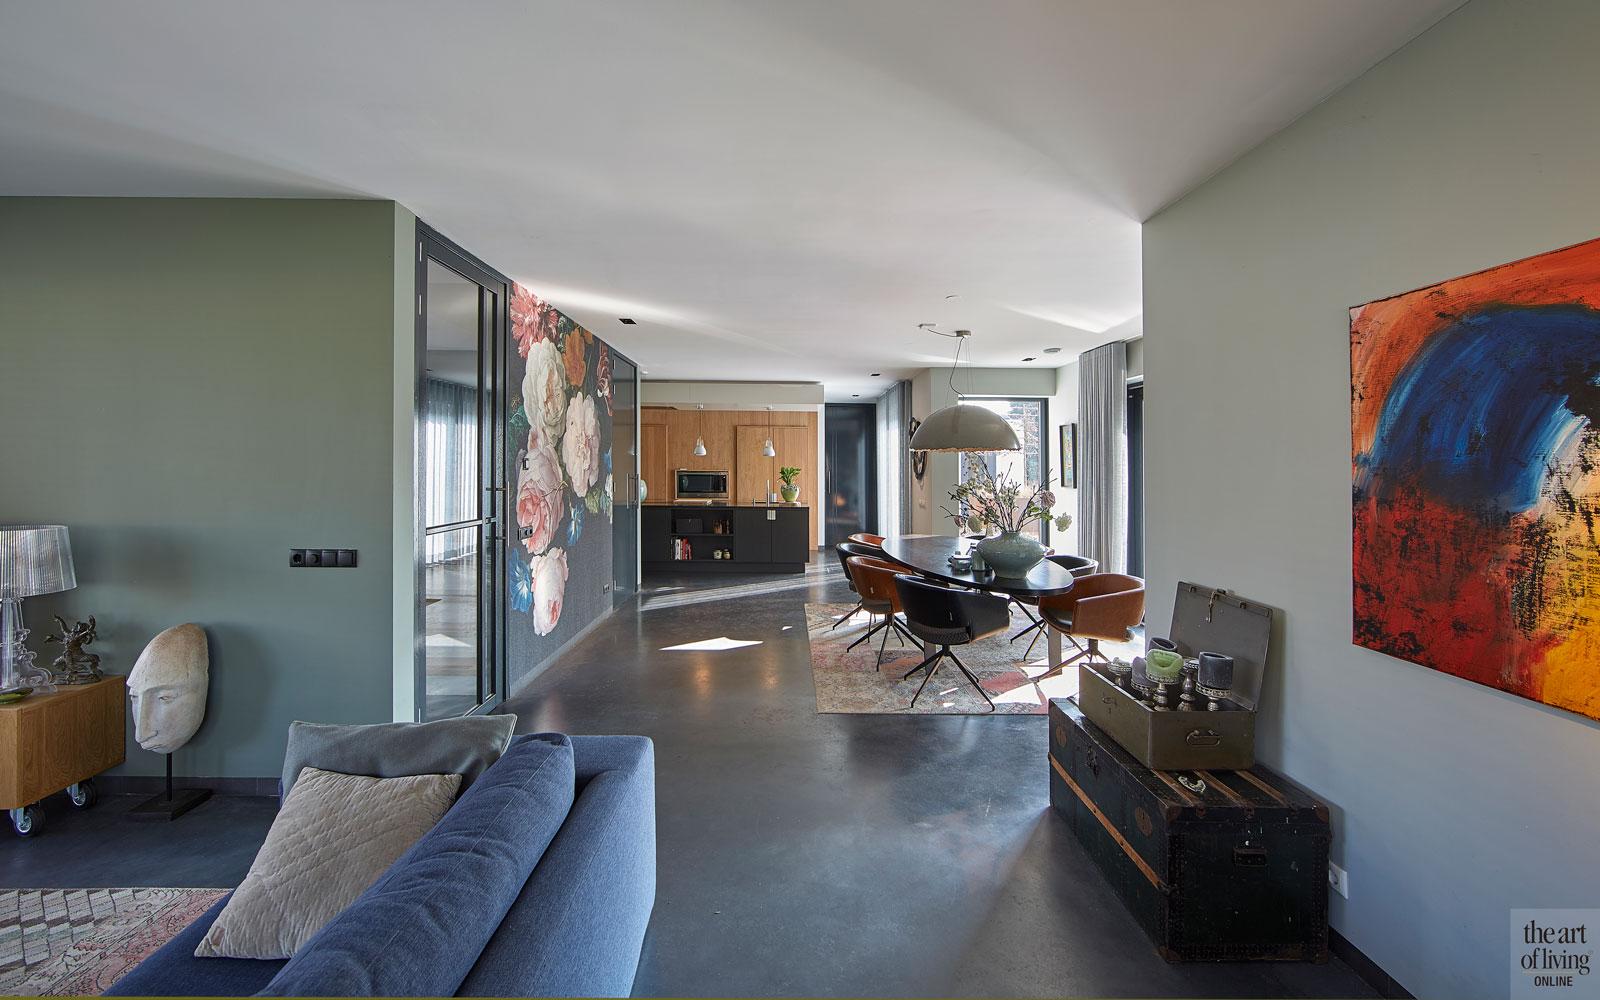 Moderne woning, CS2 Architecten, Woonkamer, Modern interieur, Gietvloer, warm interieur